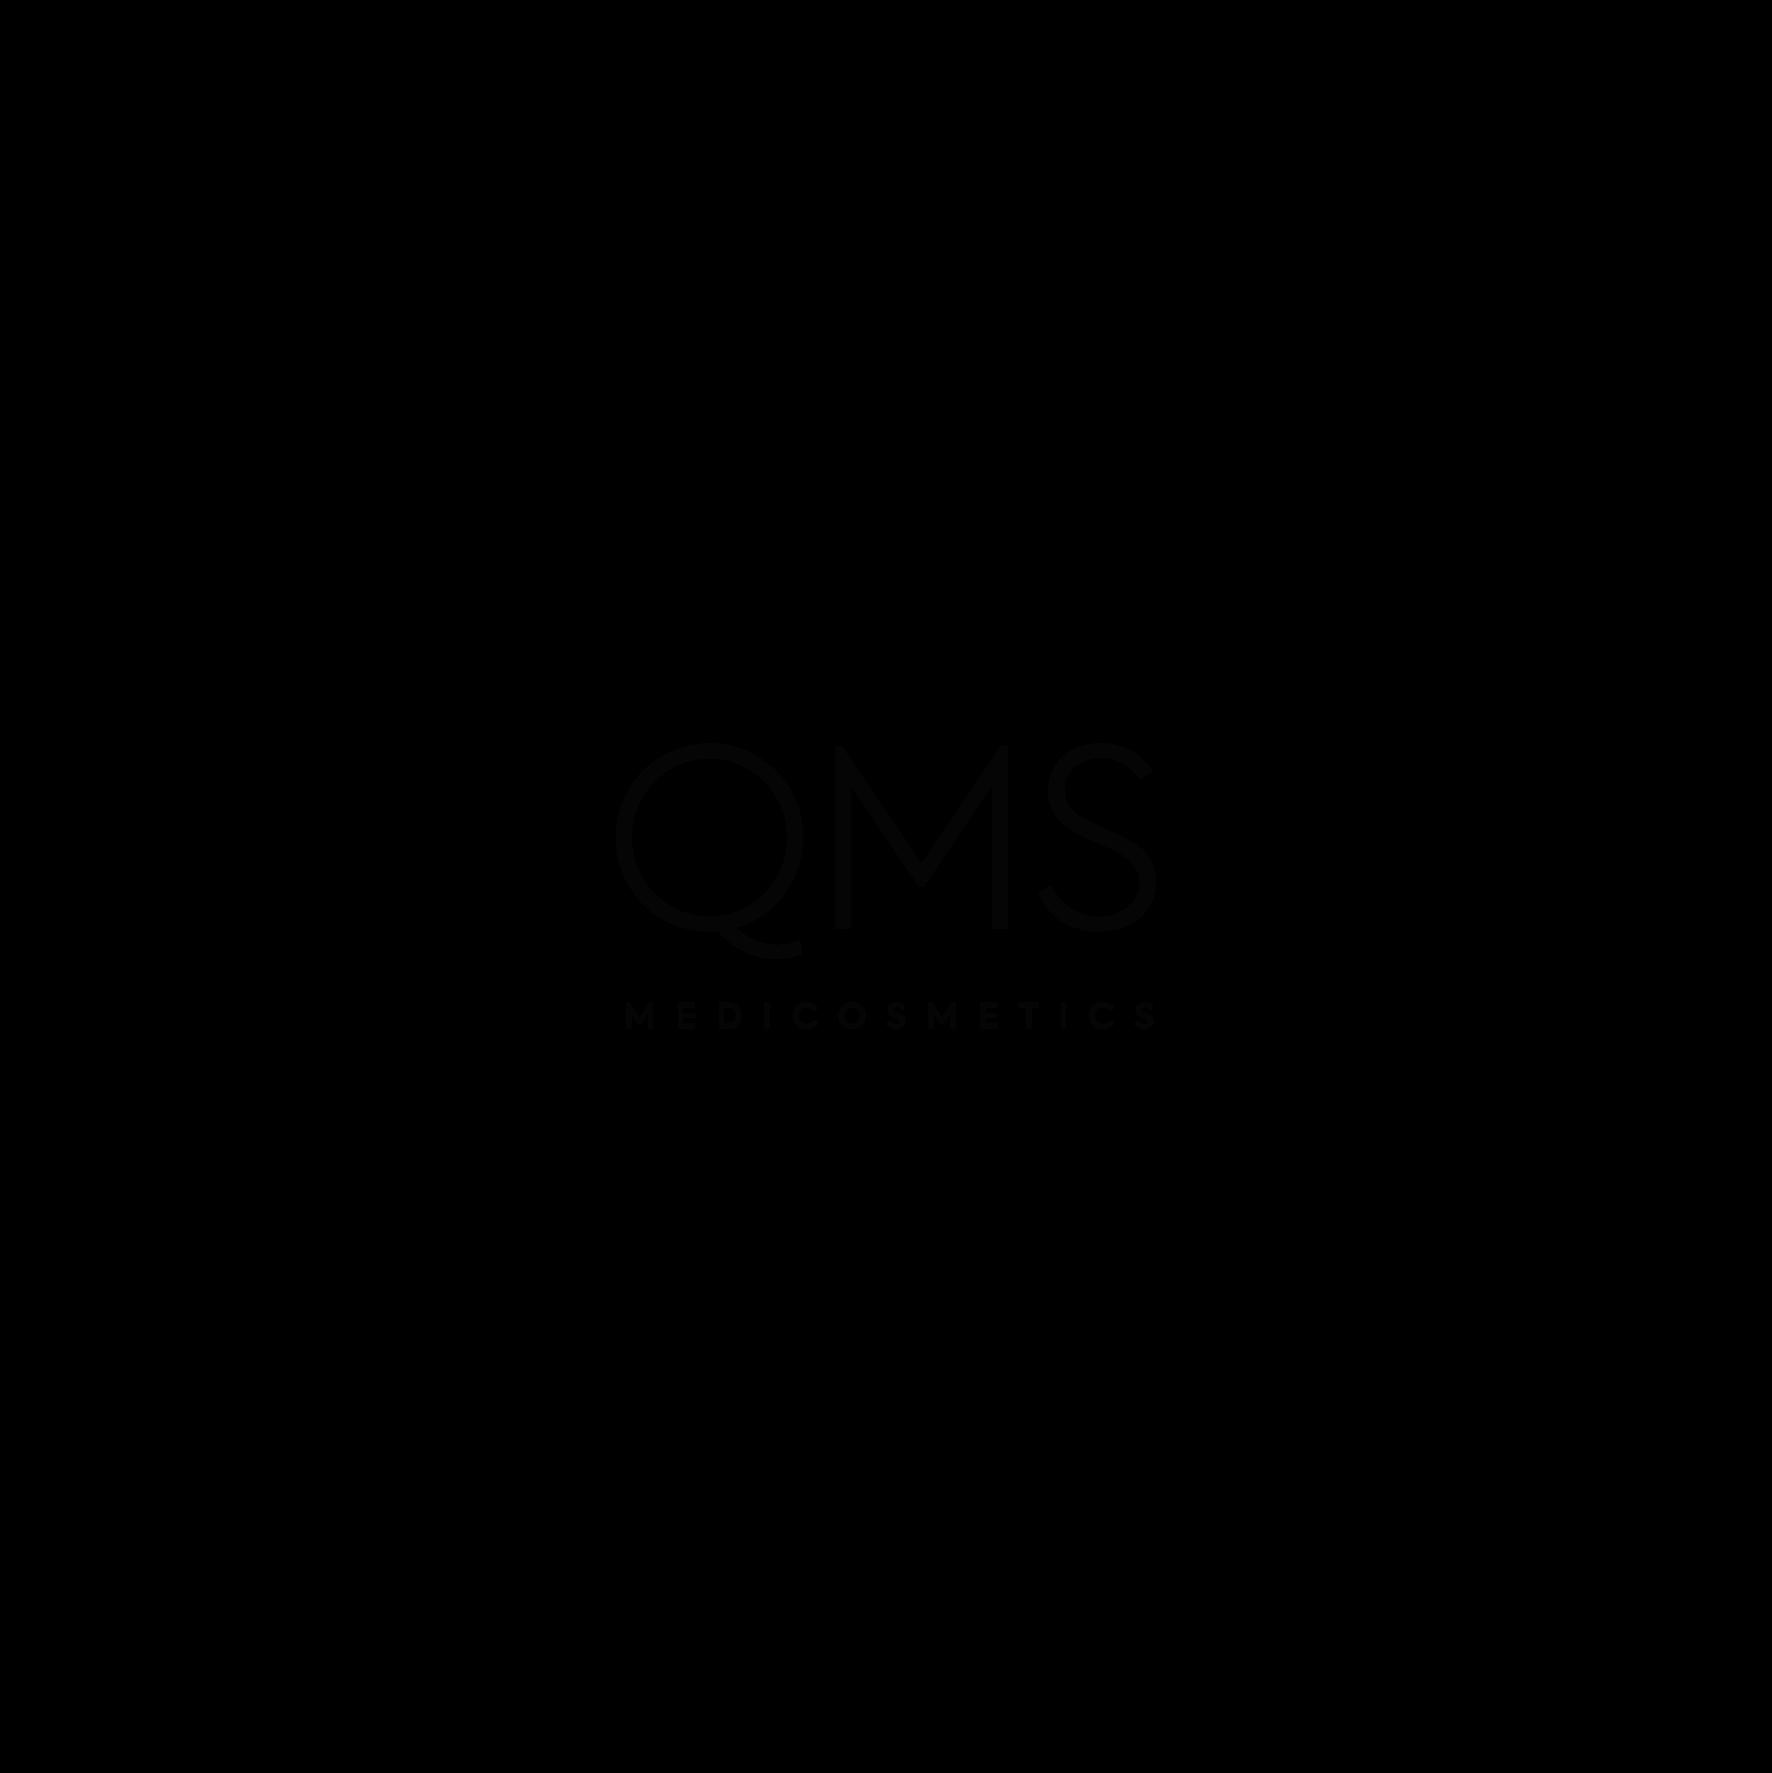 qms-medicosmetics_undici